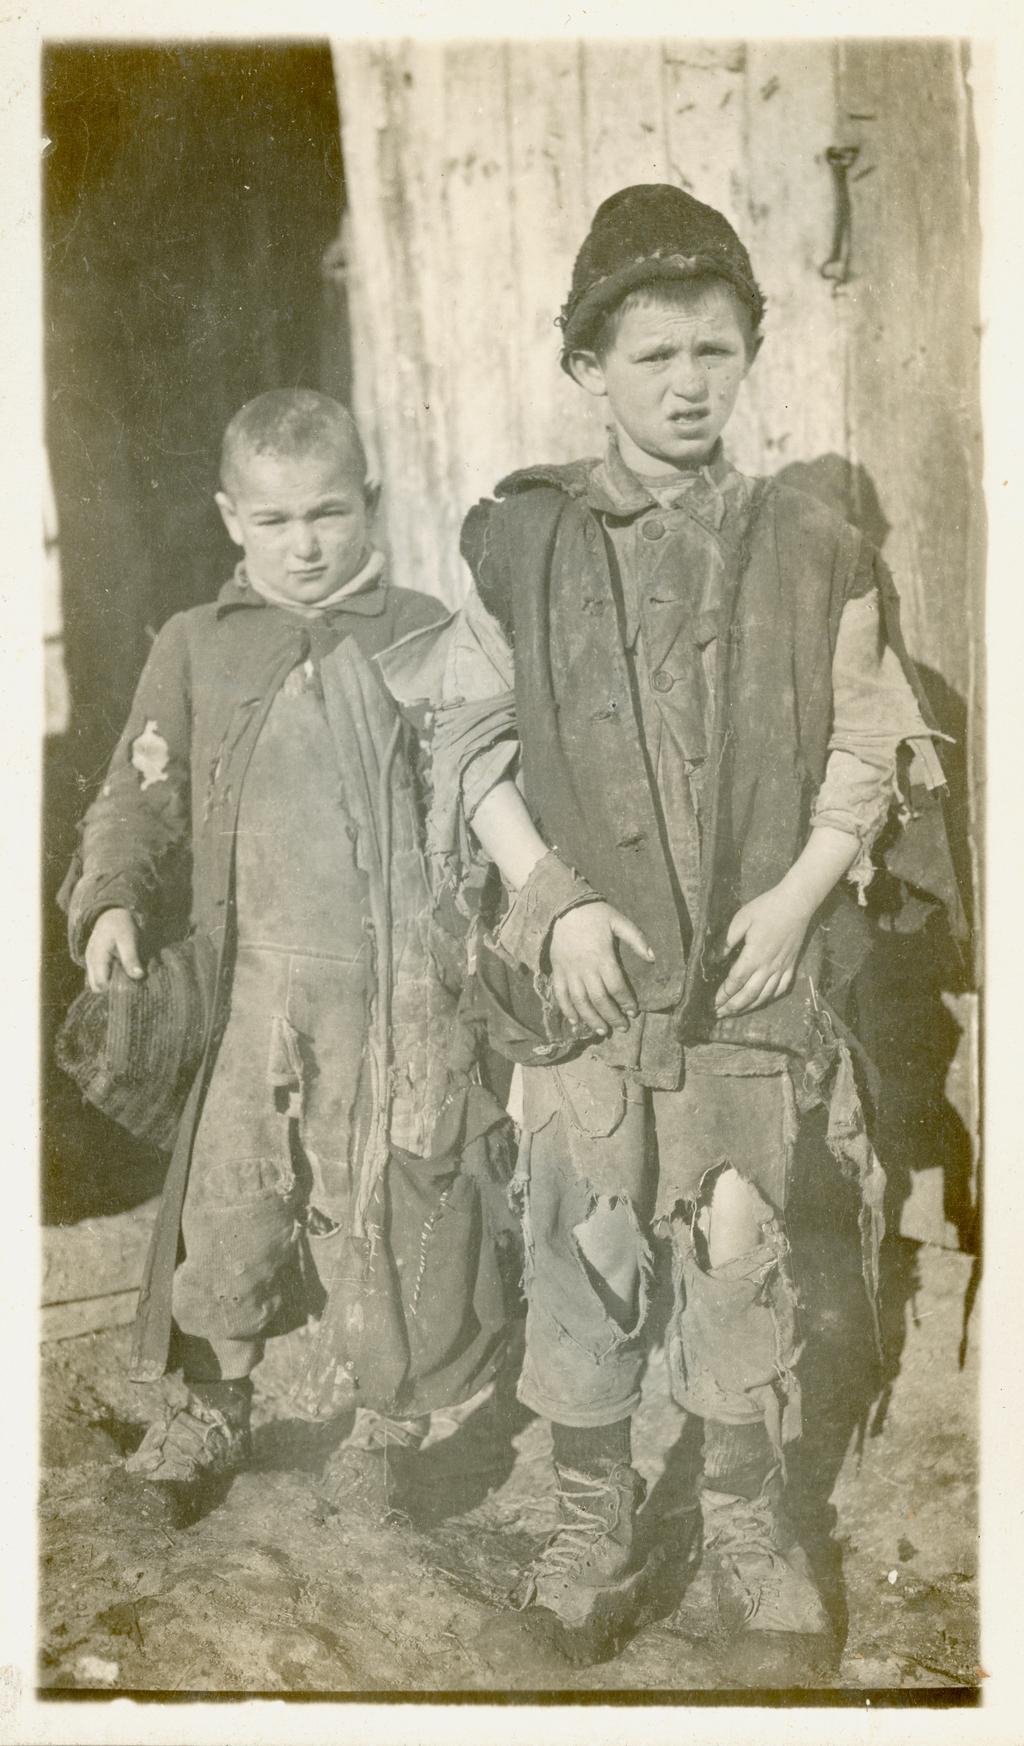 Еврейские дети — сироты войны в Дубно, Польша